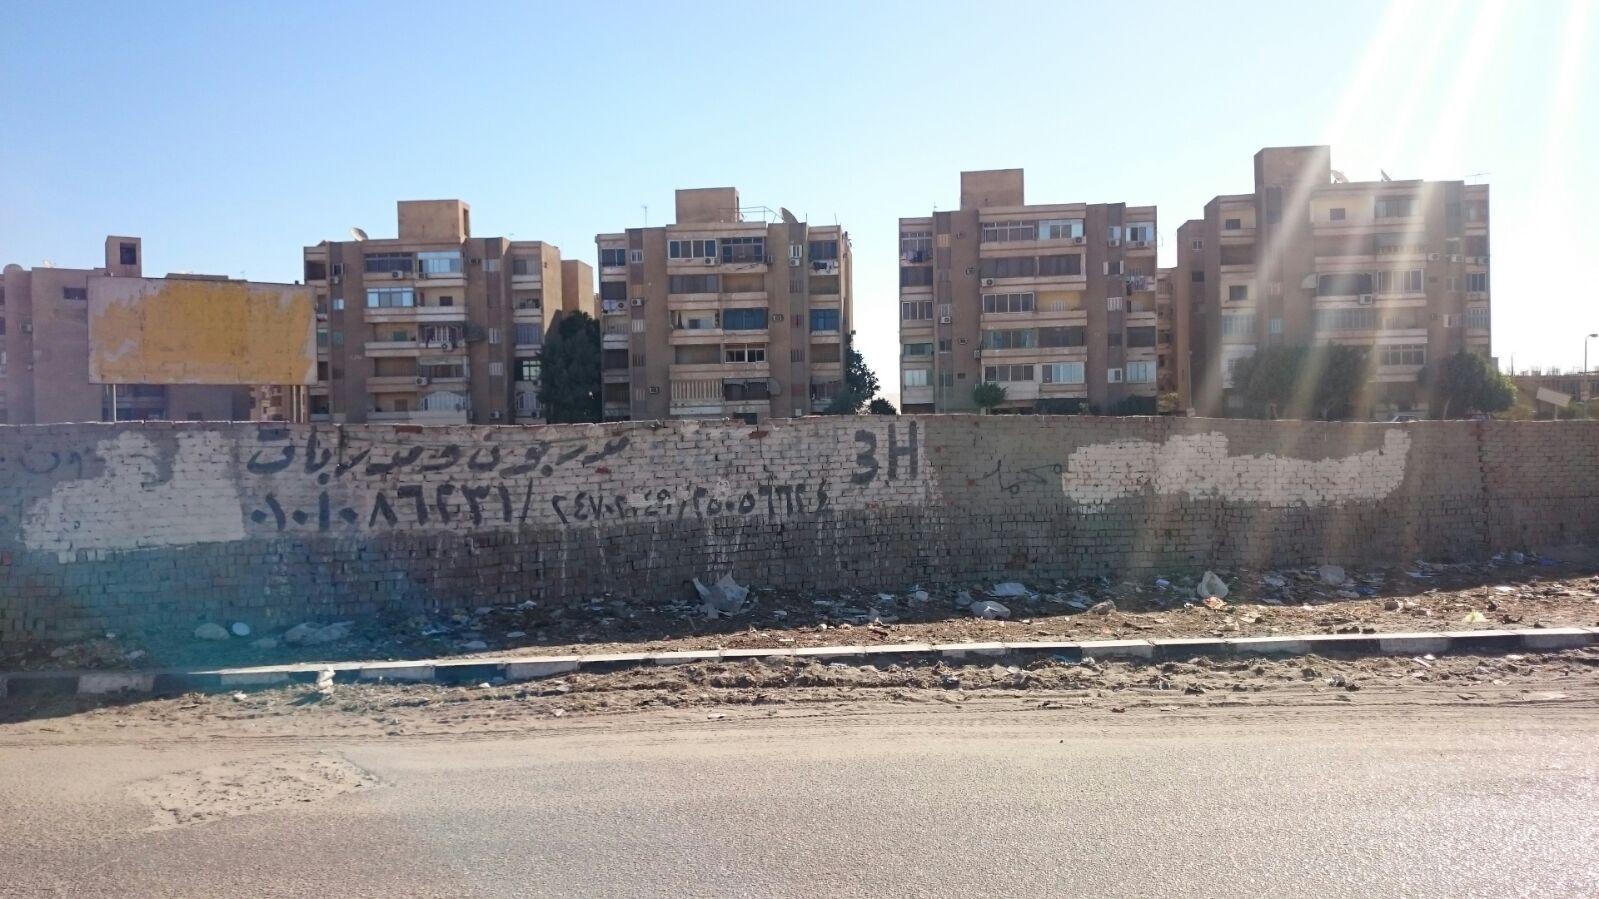 سكان «الطوب الرملي» بمدينة نصر يشكون غياب الأمن والإضاءة في المنطقة